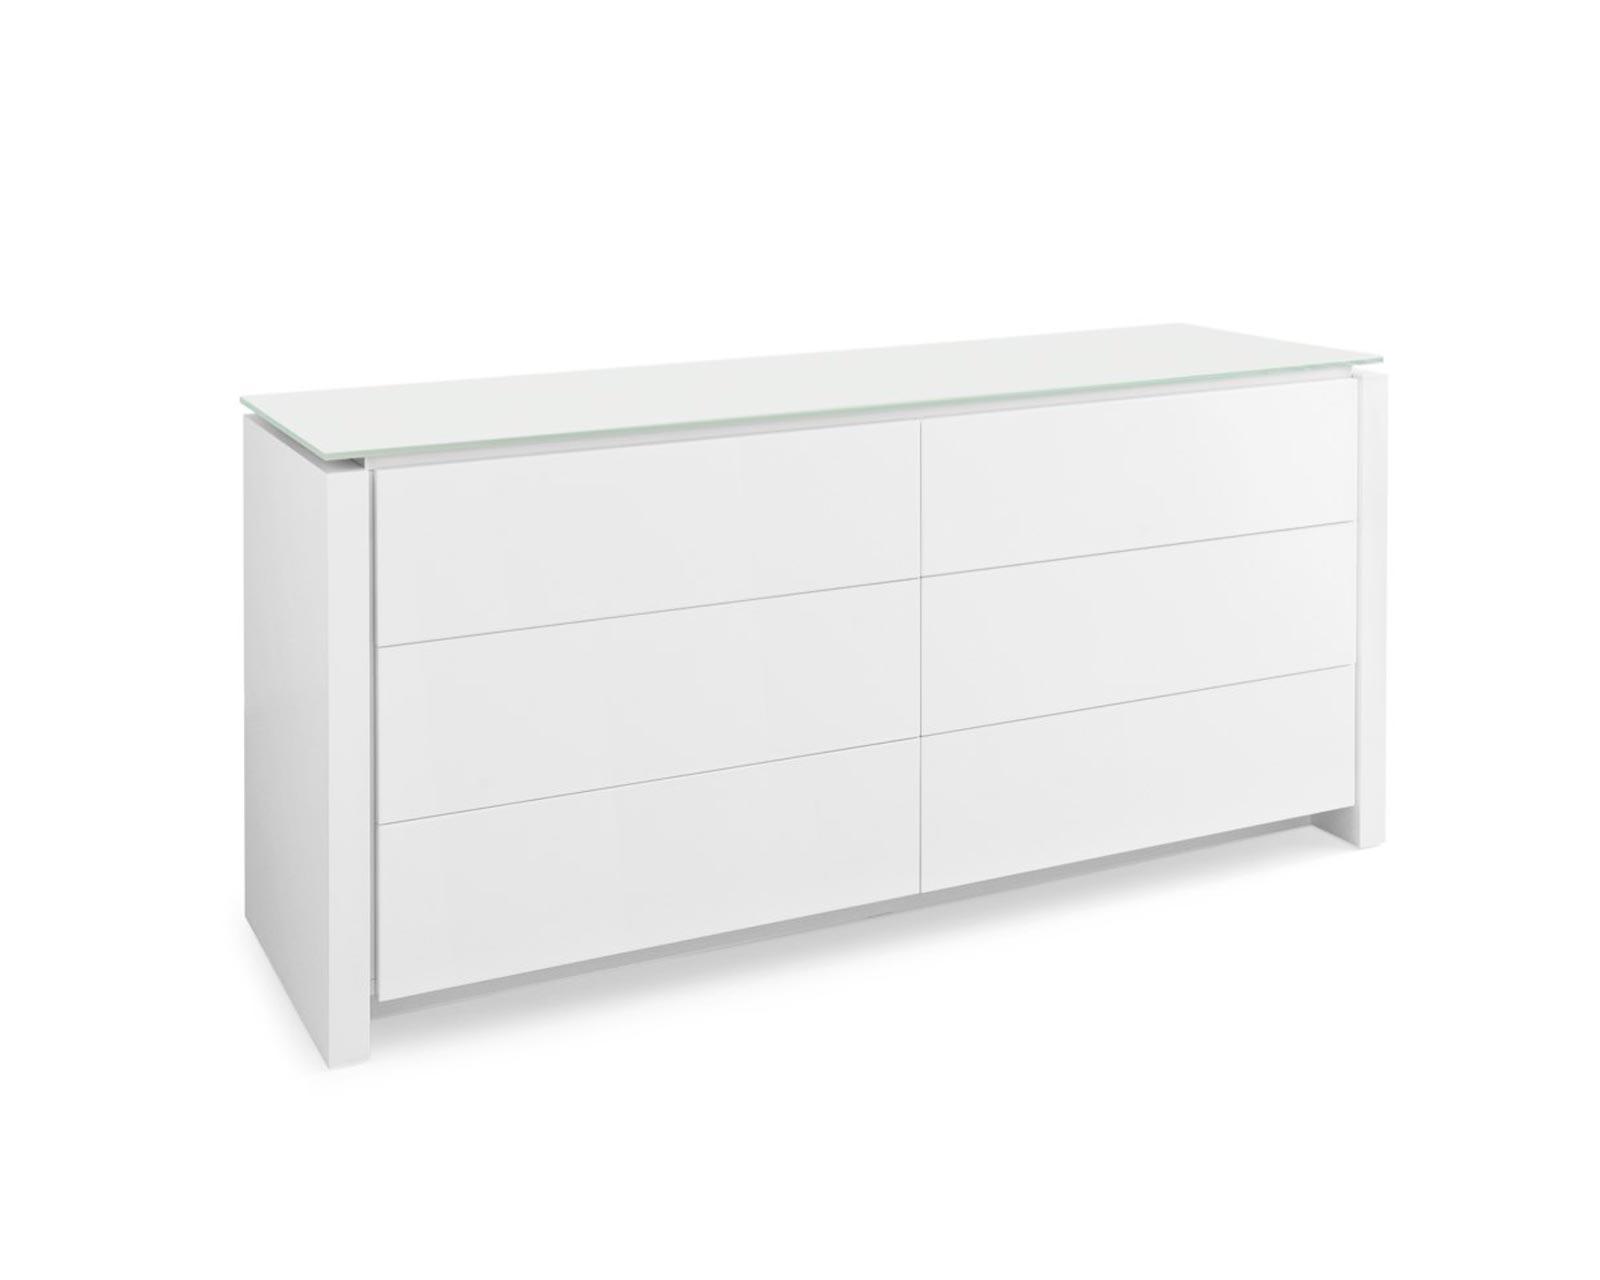 il decor furniture cs mag dresser calligaris italy - cs mag dresser calligaris italy